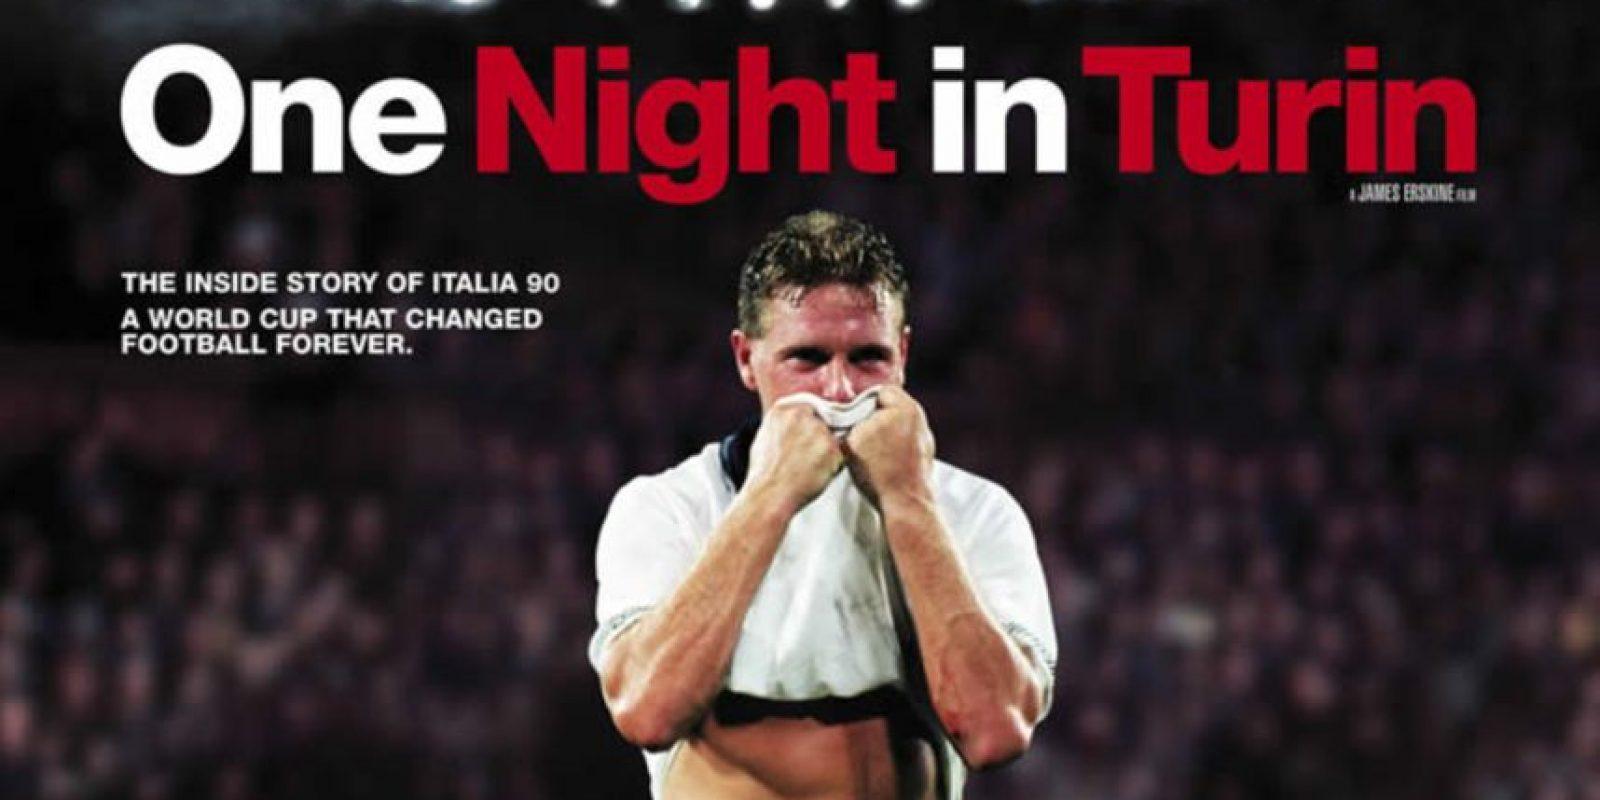 One Night in Turin(director:James Erskine-2010): Narra la historia de Inglaterra en el Mundial de 1990. Sin embargo, va más allá de lo futbolístico y se adentra en cómo se unió el país para alentar al equipo que llegó a semifinales. Además, analiza las consecuencias sociales, políticas y culturales que conllevó aquel Mundial en Inglaterra.